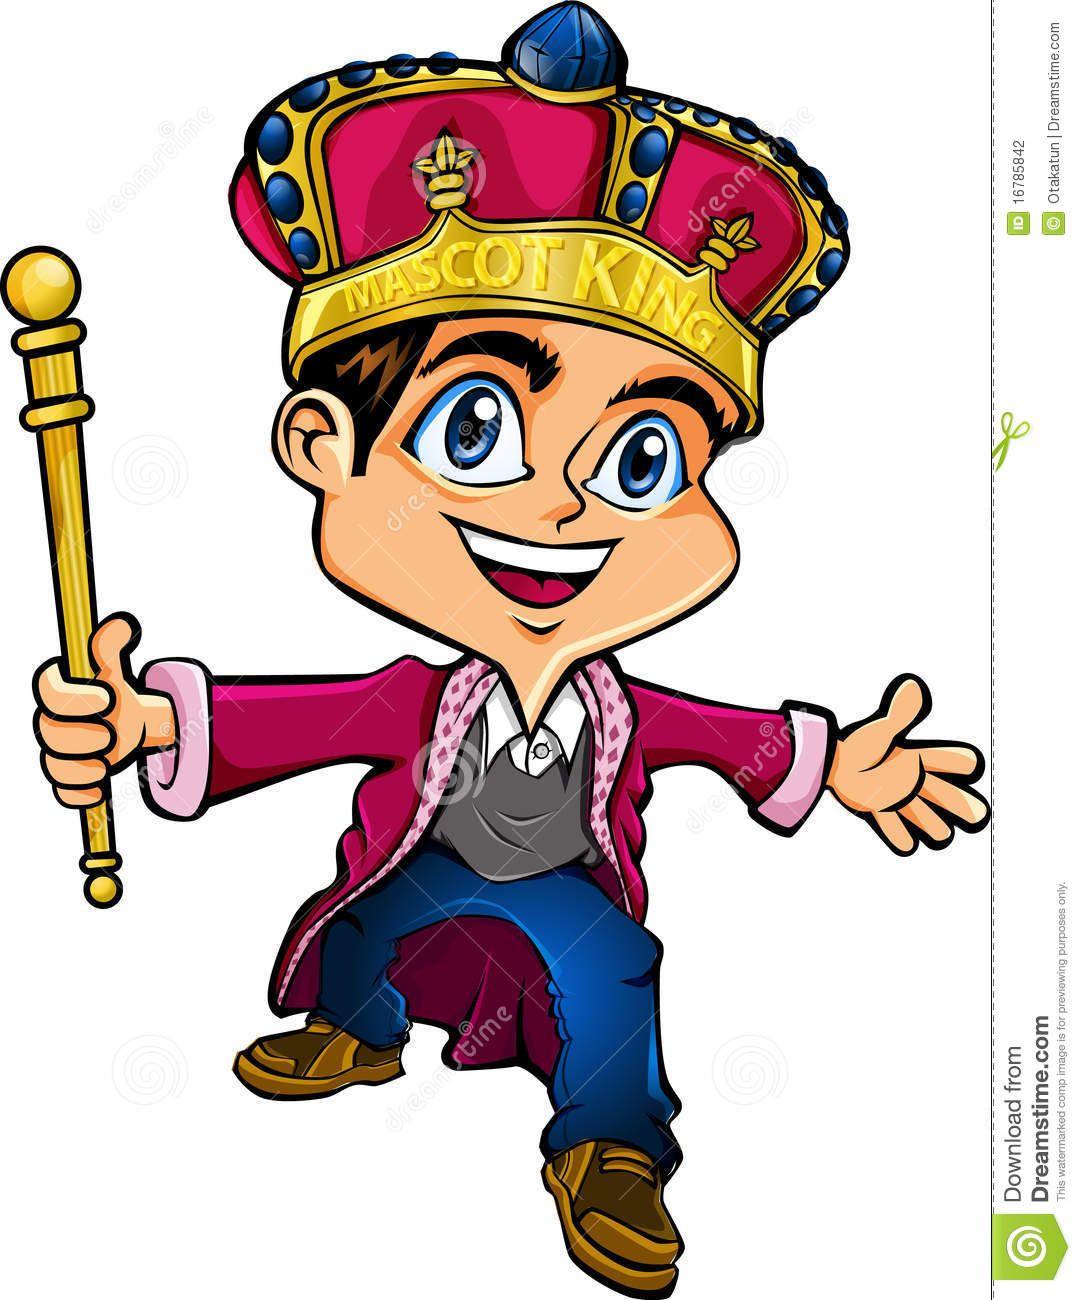 Prince Noun The Son Of A King Queen Or Prince Book